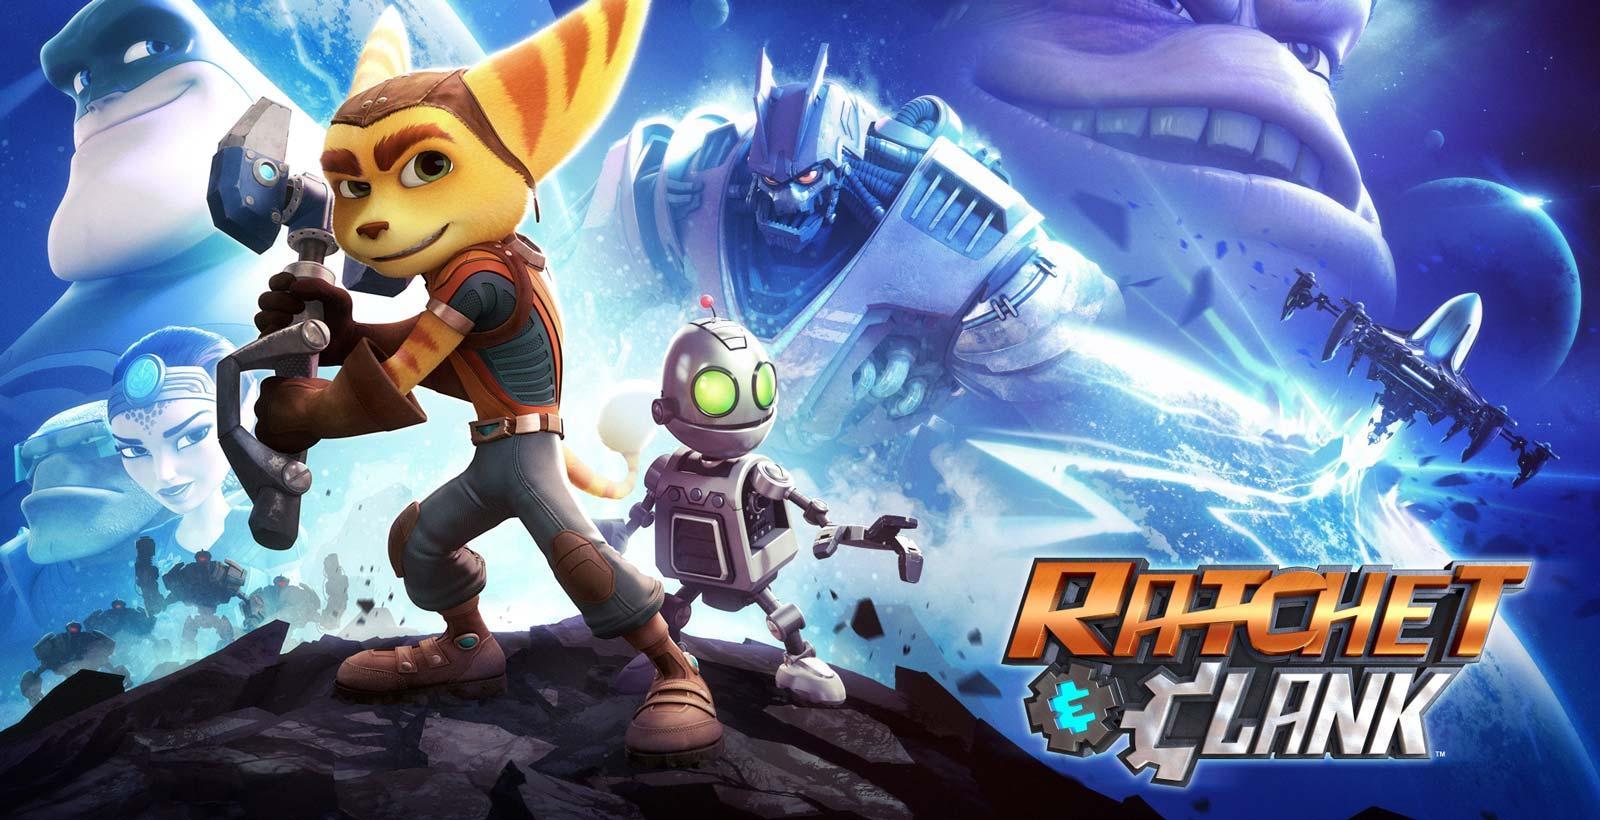 """รีวิวเกม """"Ratchet And Clank: Rift Apart"""" บนเครื่อง PlayStation 5 ที่ได้รับคำชมและกำลังมาแรงเป็นอย่างมากในตอนนี้ ! 02"""